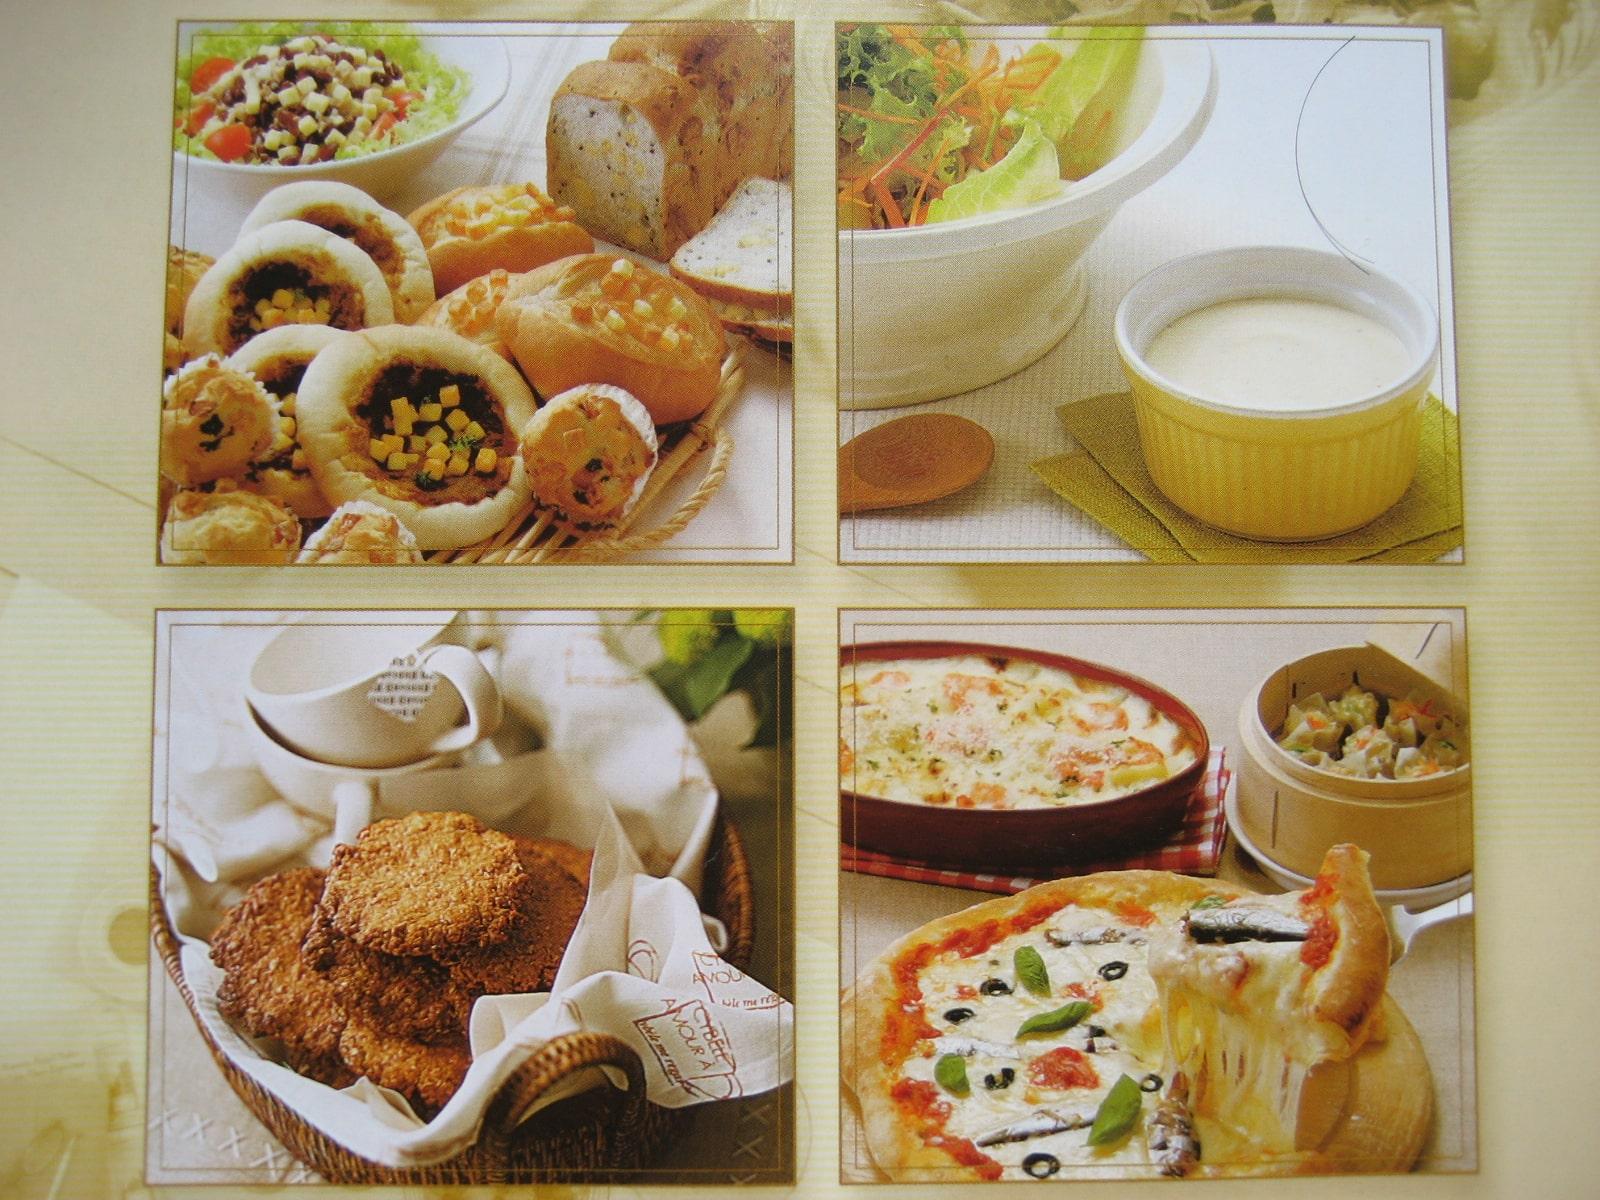 料理研究家 熊谷真由美が小岩井乳業のBtoBのカタログ用のパンやお菓子や料理を製作した冊子の表紙